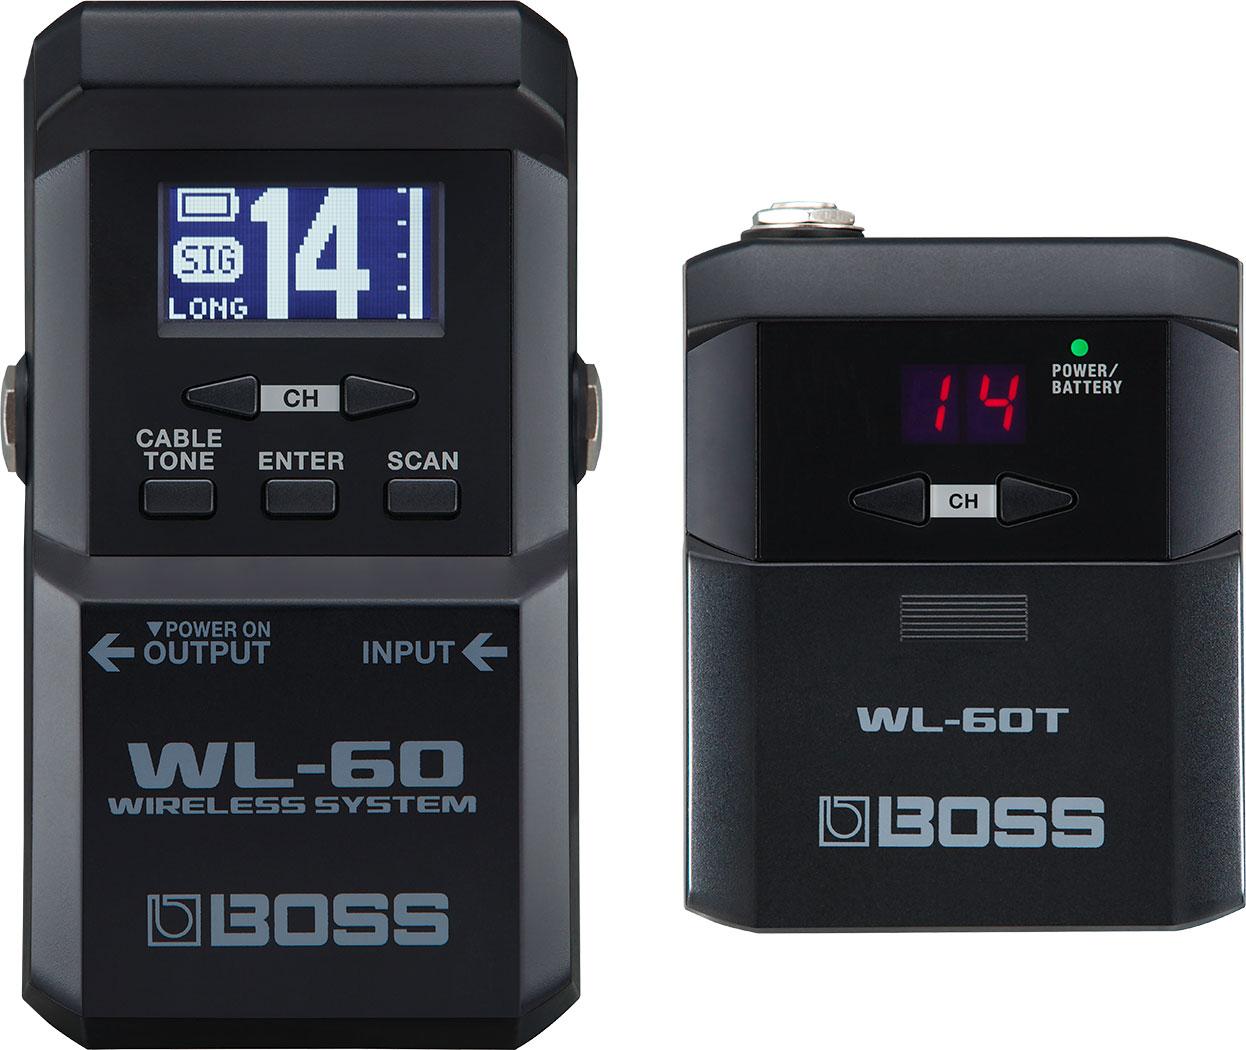 【送料無料】BOSS WL-60  ギターワイヤレスシステム [出荷までに3-4日いただきます]